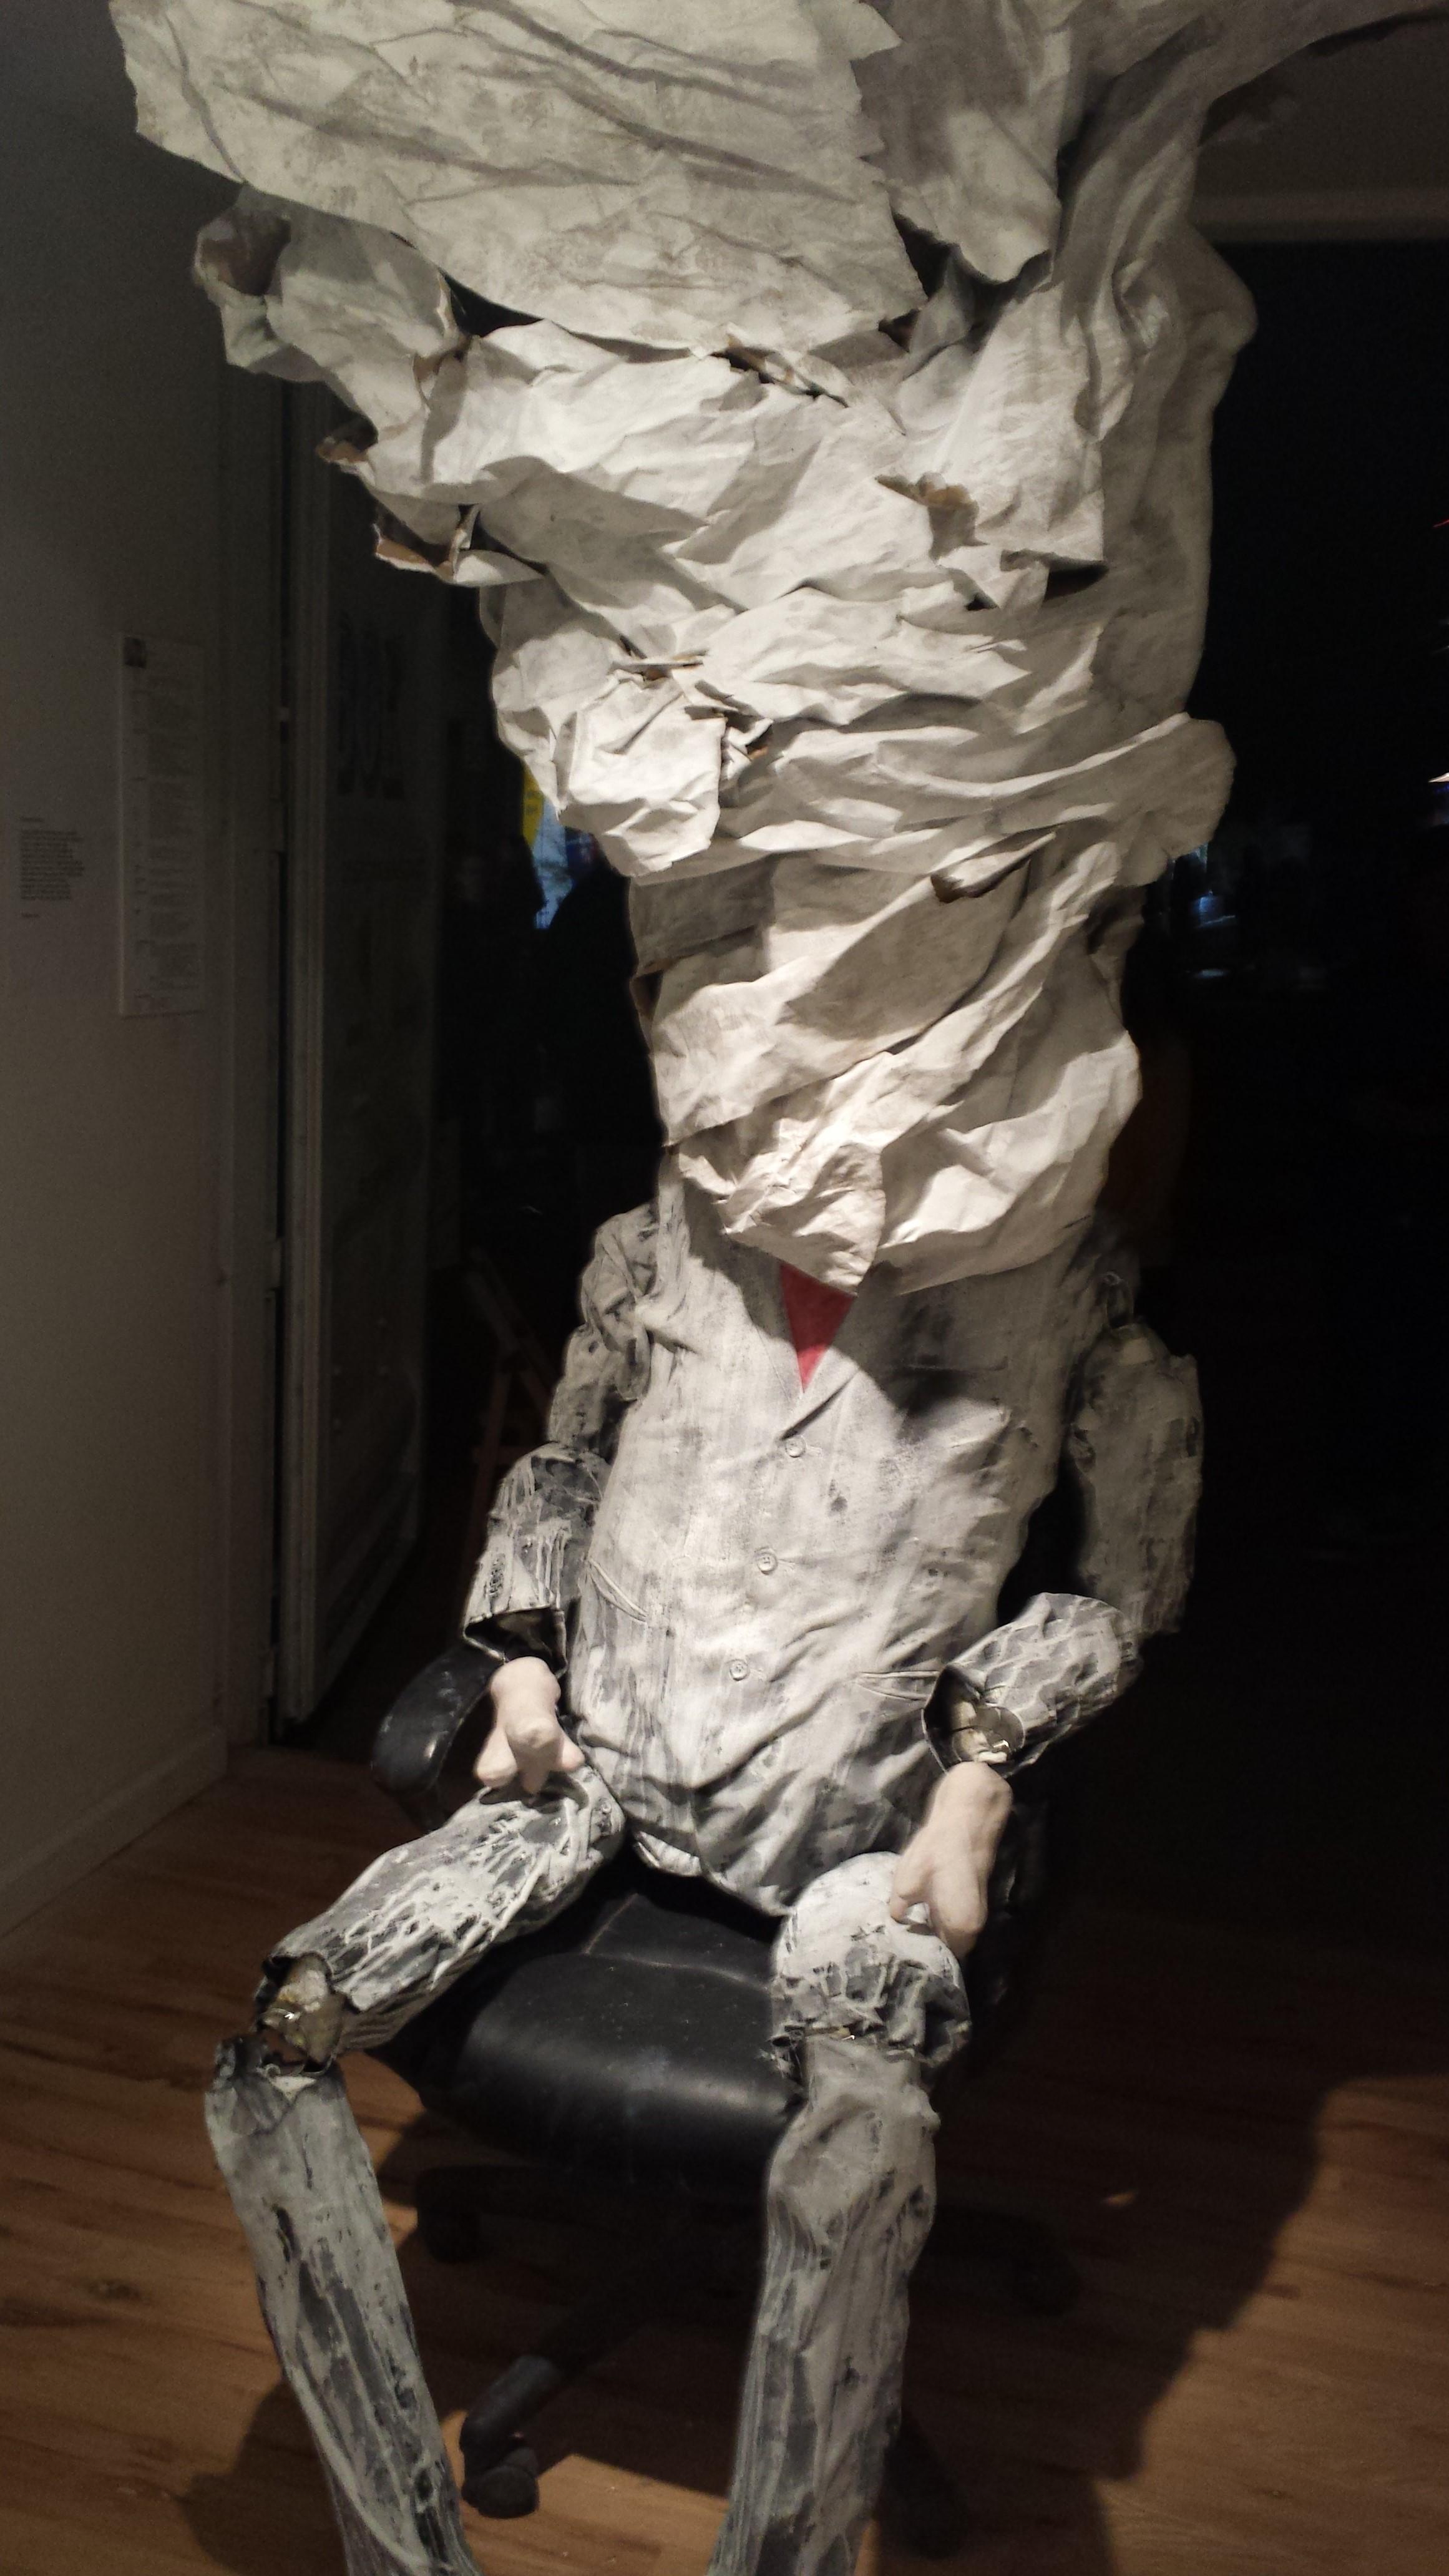 Takashi Hara exhibit, Roosevelt Row, 2015